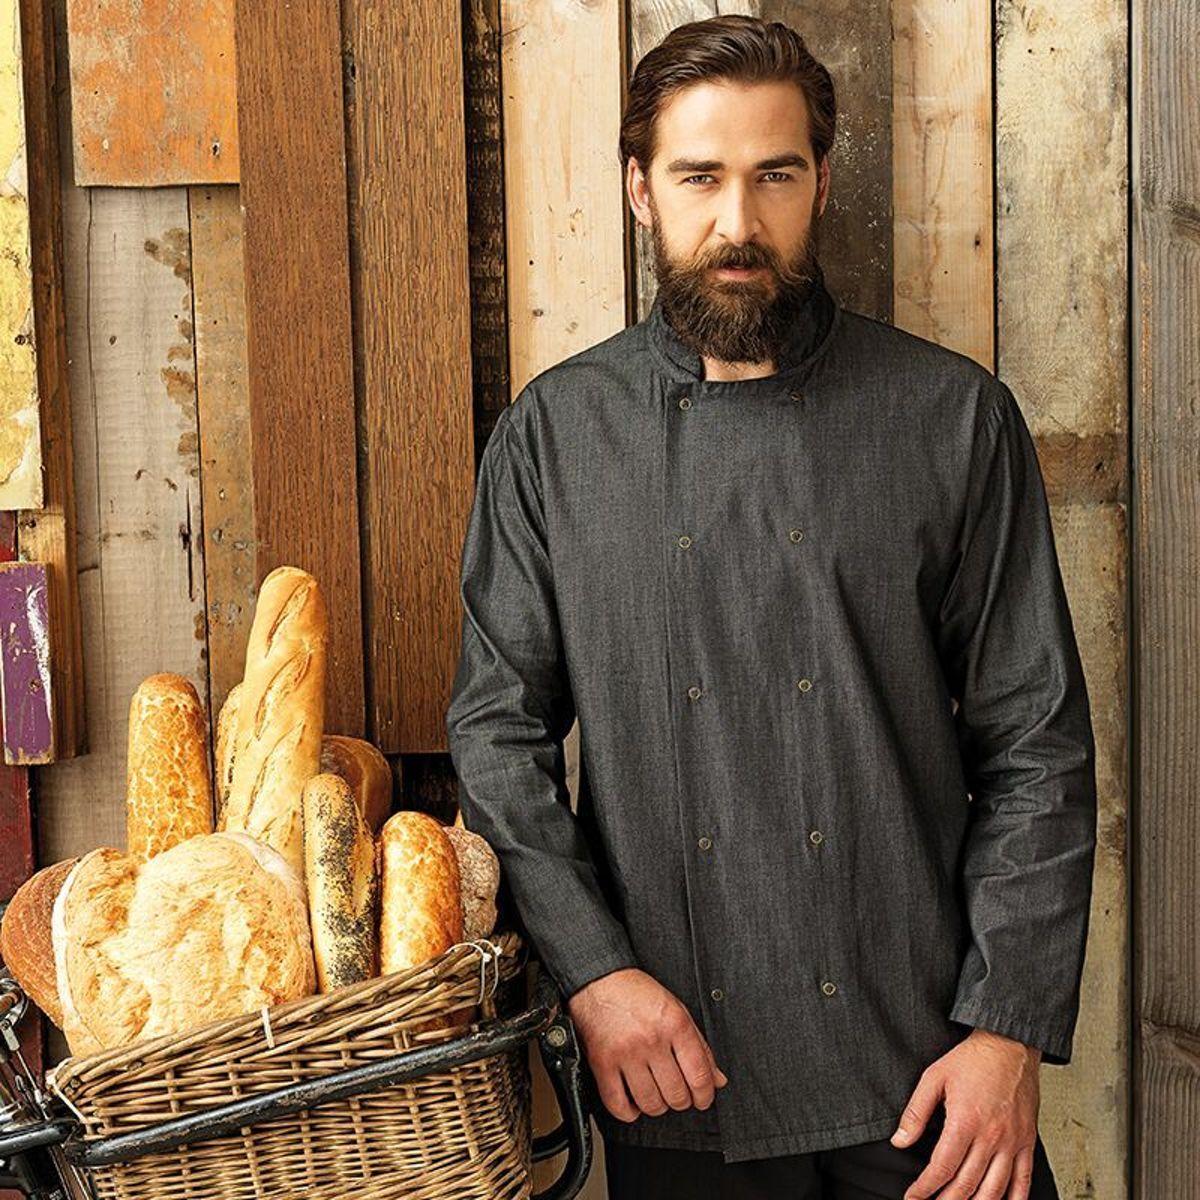 Denim chef's jacket, Kleur Black Denim, Maat M kopen